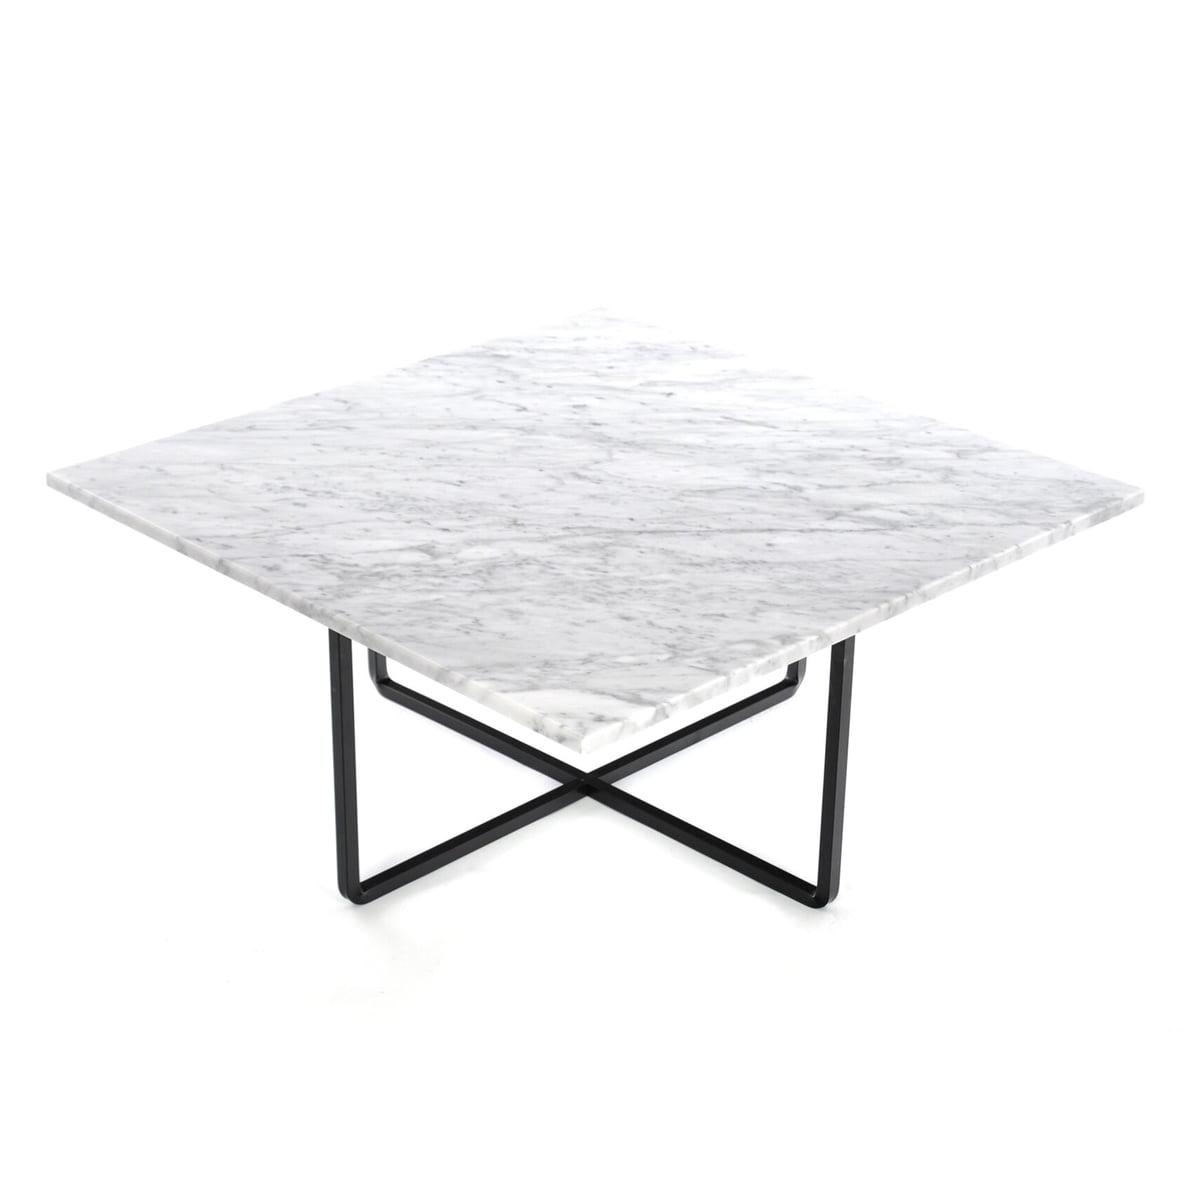 ox denmarq ninety couchtisch 80 x 80 cm schwarz marmor wei marmor t 80 h 35 b 80 online. Black Bedroom Furniture Sets. Home Design Ideas